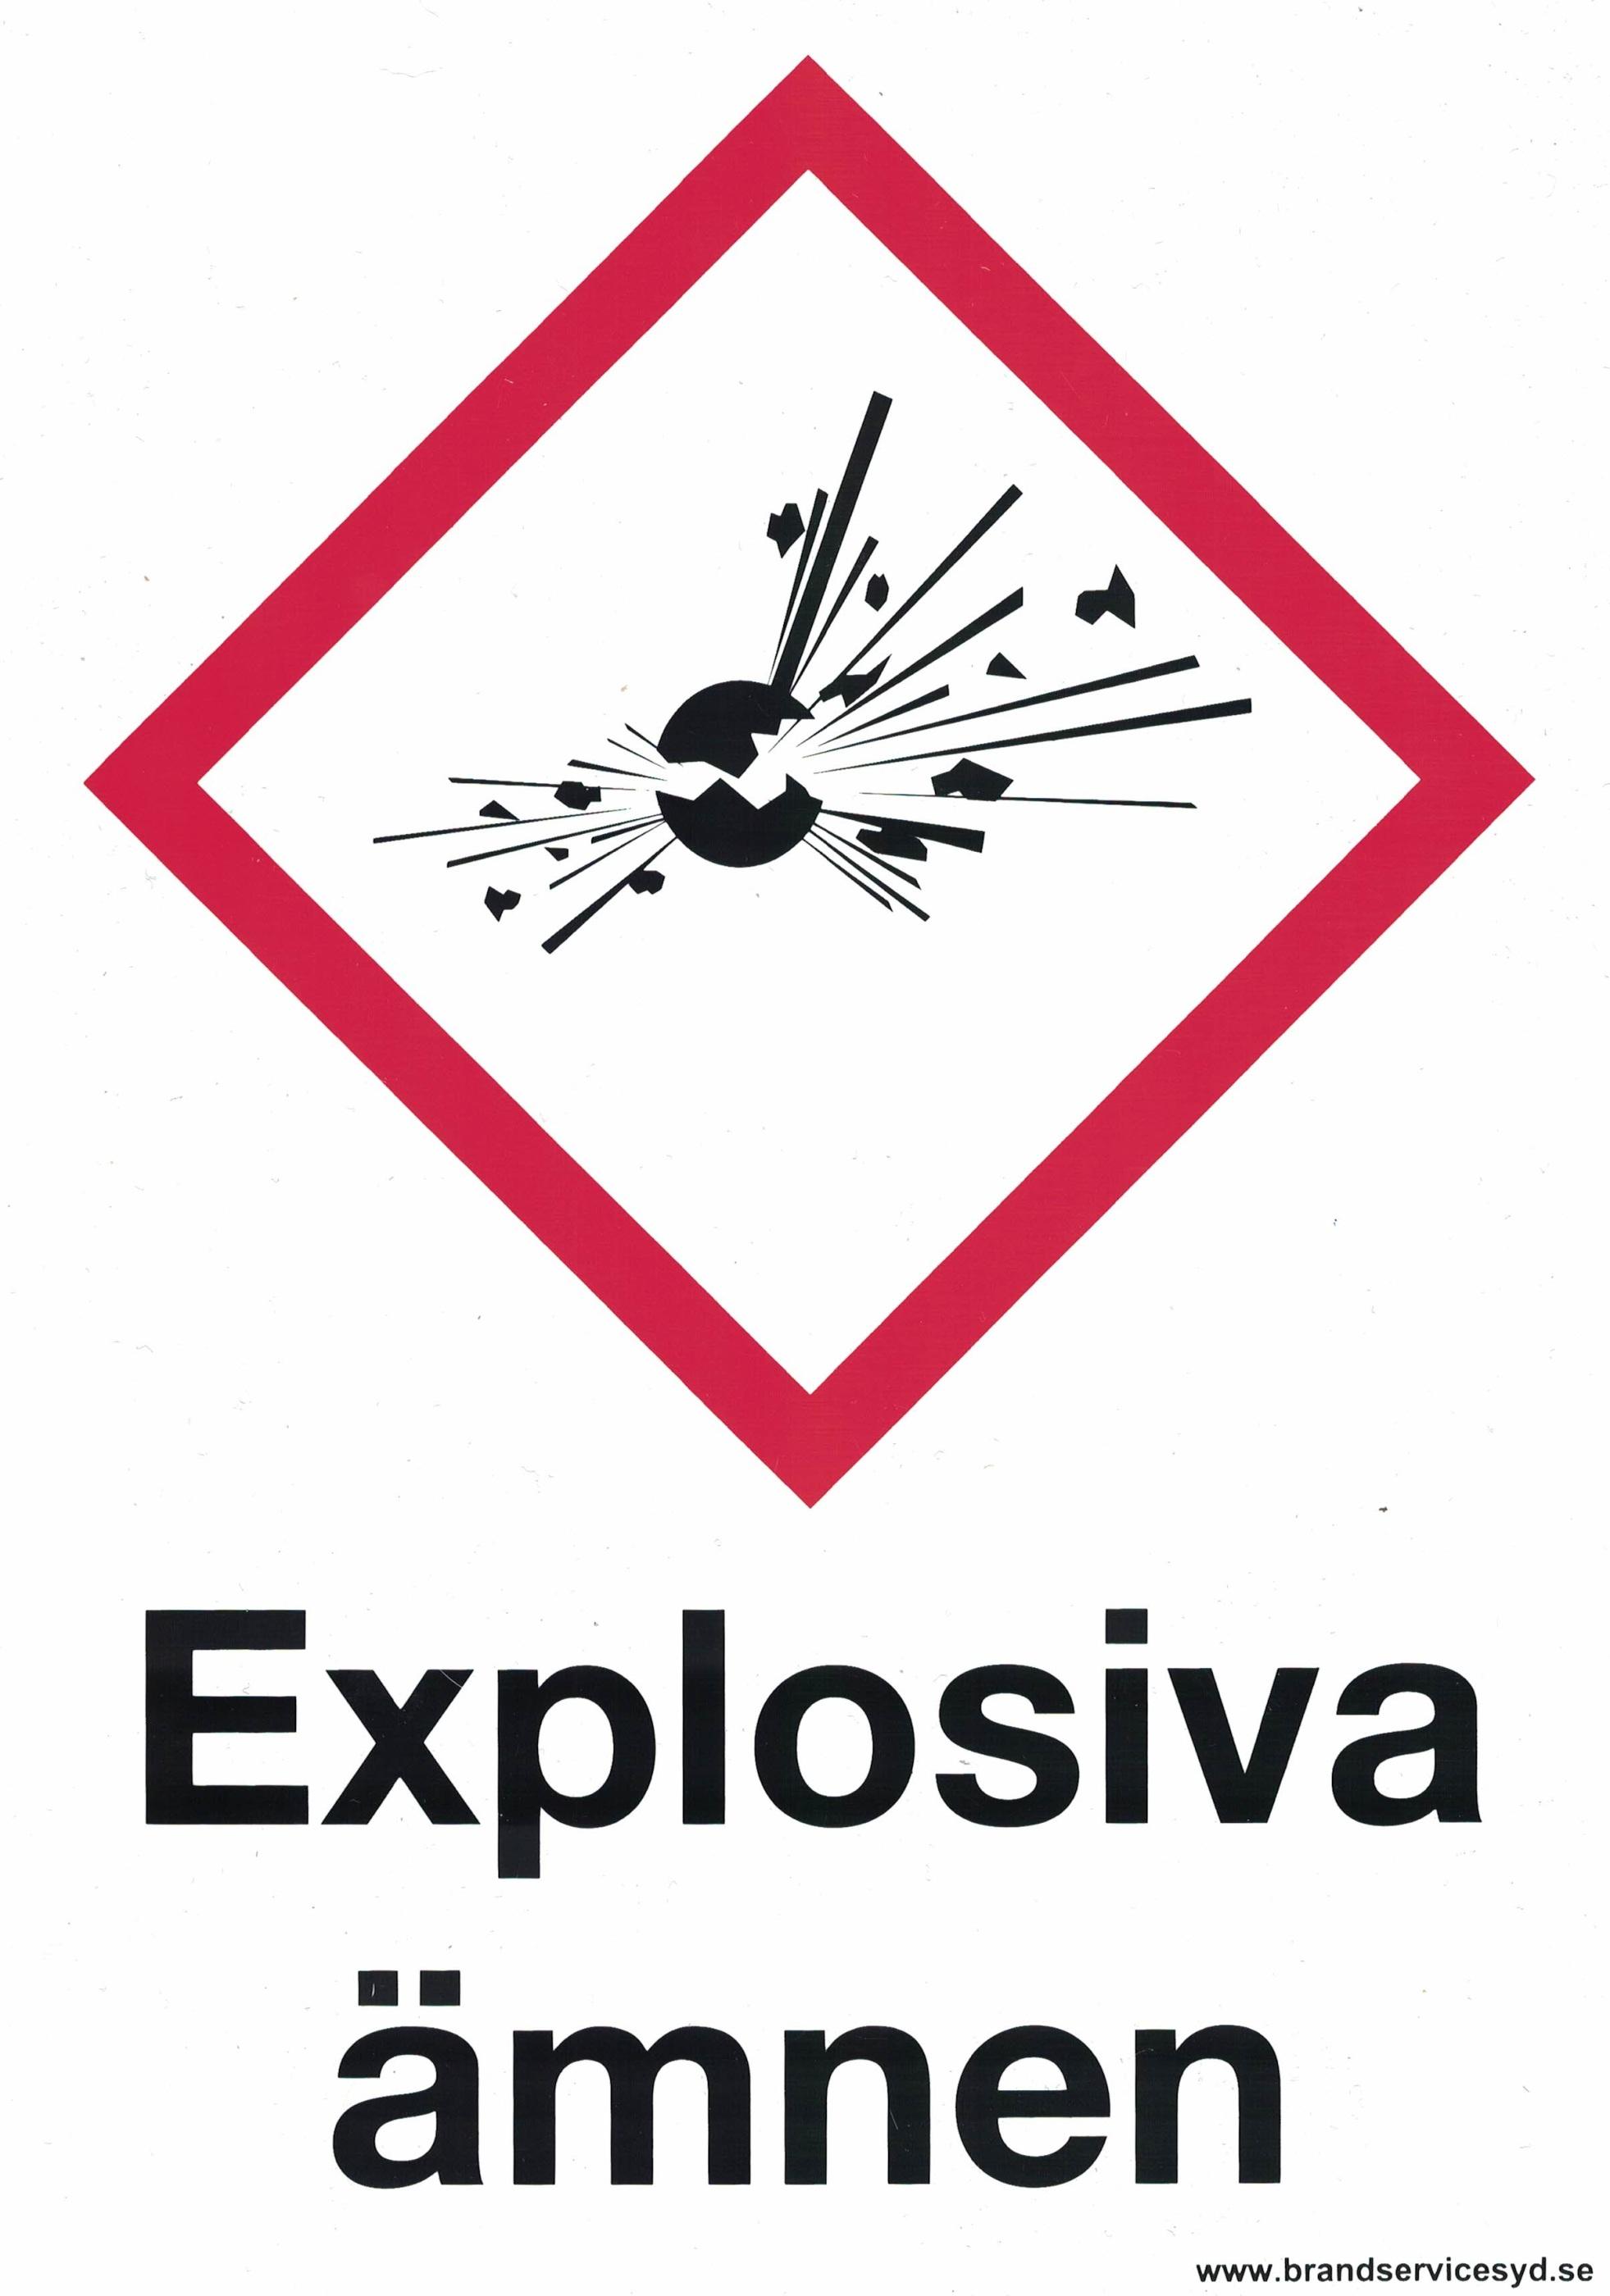 Explosiva ämnen A4 20180819